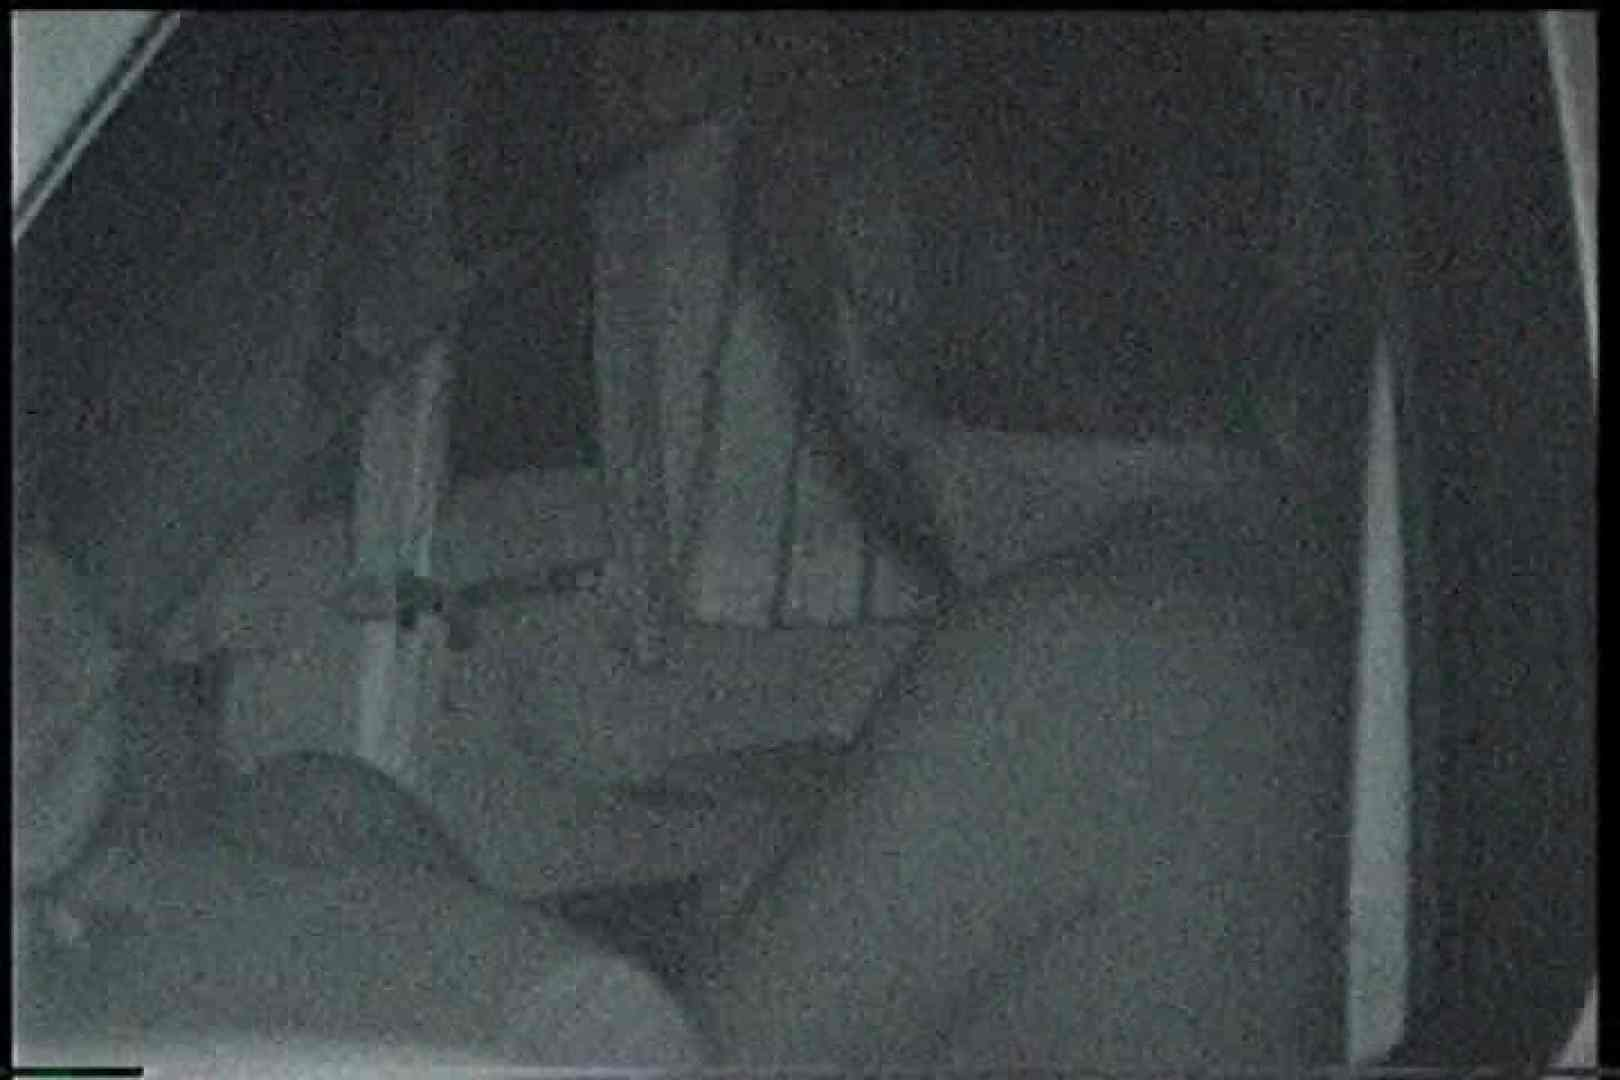 充血監督の深夜の運動会Vol.177 前編 OLセックス 盗み撮りオマンコ動画キャプチャ 79画像 26